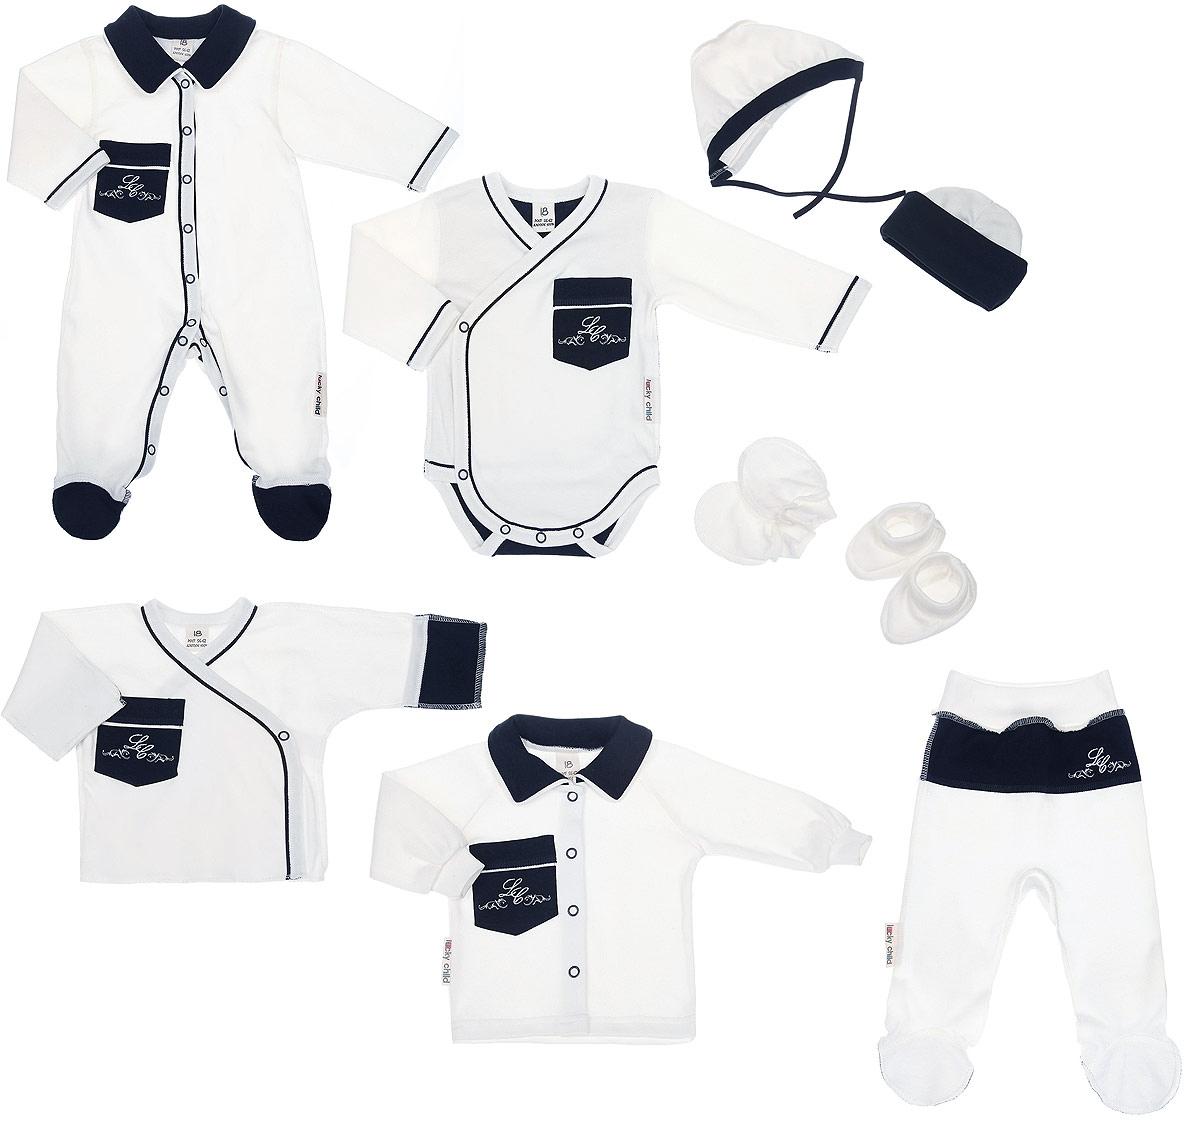 20-1000Комплект для новорожденного Lucky Child Классик - это замечательный подарок, который прекрасно подойдет для первых дней жизни младенца. Комплект состоит из комбинезона, боди-кимоно, распашонки-кимоно, кофточки, ползунков, шапочки, чепчика, рукавичек и пинеток. Изготовленный из натурального хлопка, он необычайно мягкий и приятный на ощупь, не сковывает движения ребенка и позволяет коже дышать, не раздражает даже самую нежную и чувствительную кожу ребенка, обеспечивая ему наибольший комфорт. Комбинезон с длинными рукавами, отложным воротником контрастного цвета и закрытыми ножками имеет застежки-кнопки от горловины до пяточек, которые помогают легко переодеть младенца или сменить подгузник. На груди изделие дополнено накладным кармашком, украшенным вышивкой. Швы выполнены наружу. Удобное боди-кимоно с длинными рукавами и V-образным вырезом горловины имеет удобные застежки- кнопки по принципу кимоно, а также кнопки на ластовице, которые помогают легко...